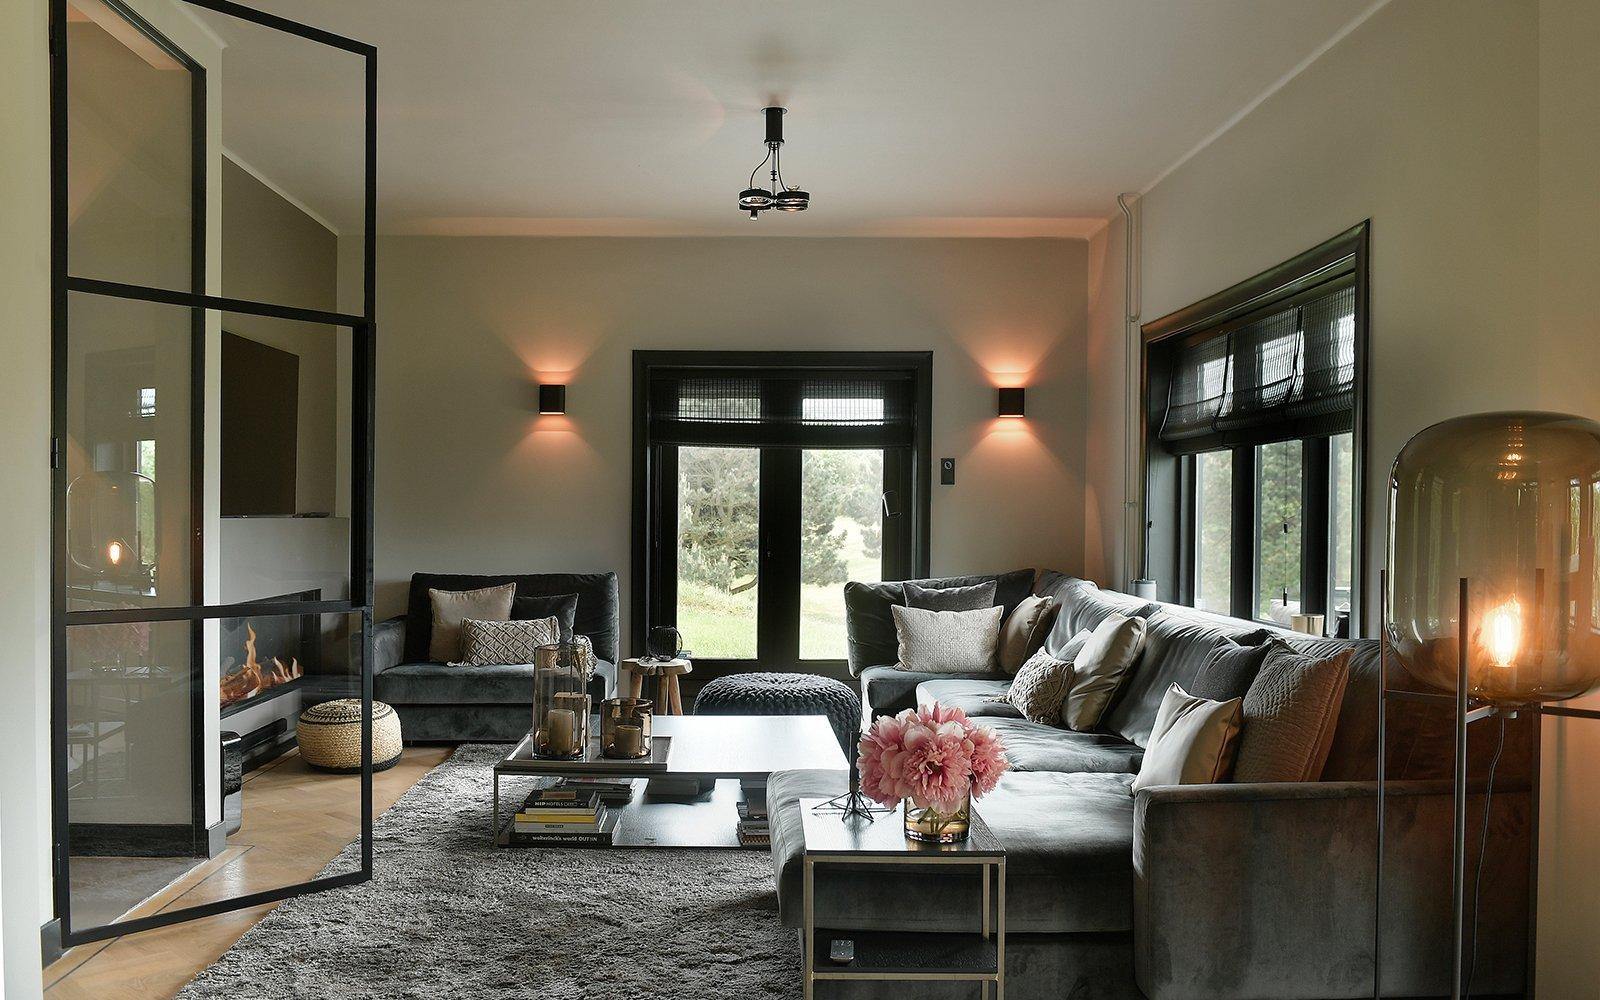 event, woonevent, interieur inspiratie, interieur ontwerp, luxe interieur, woonbeurs